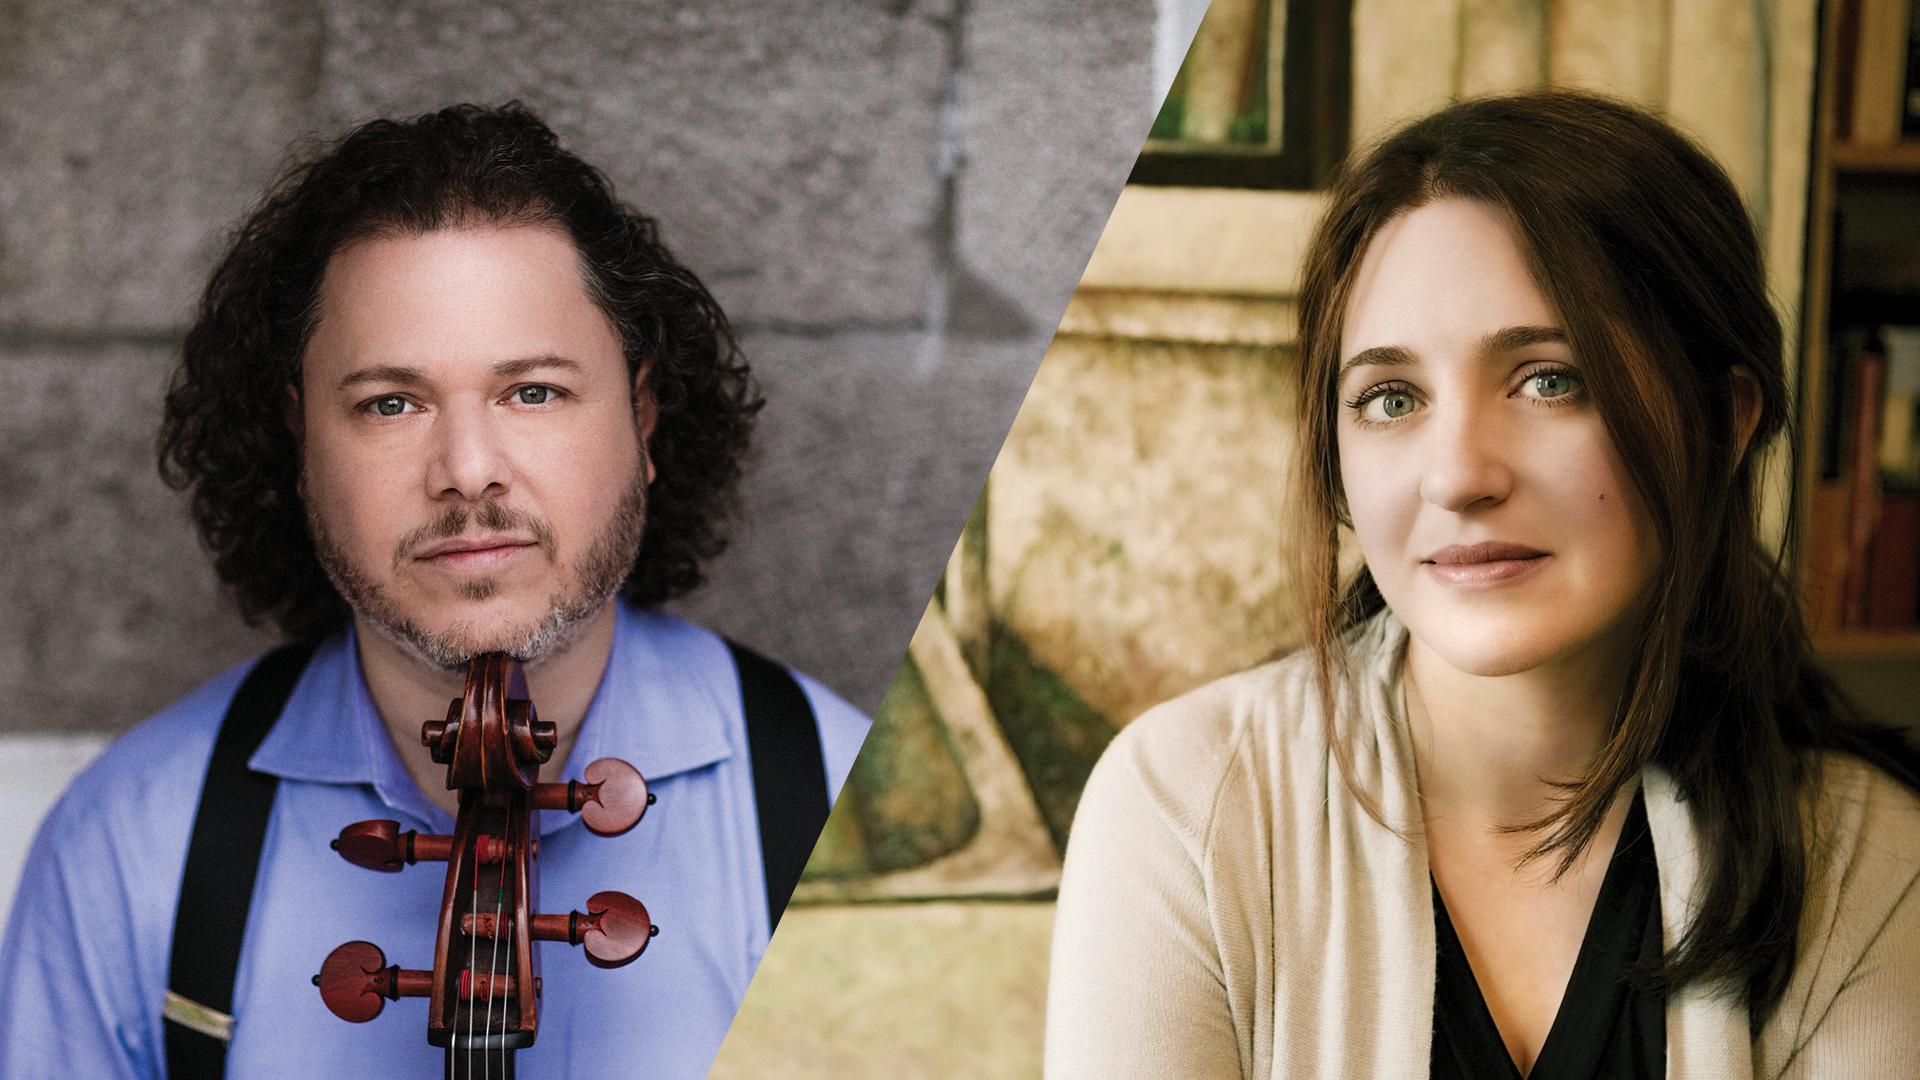 Matt Haimovitz and Simone Dinnerstein